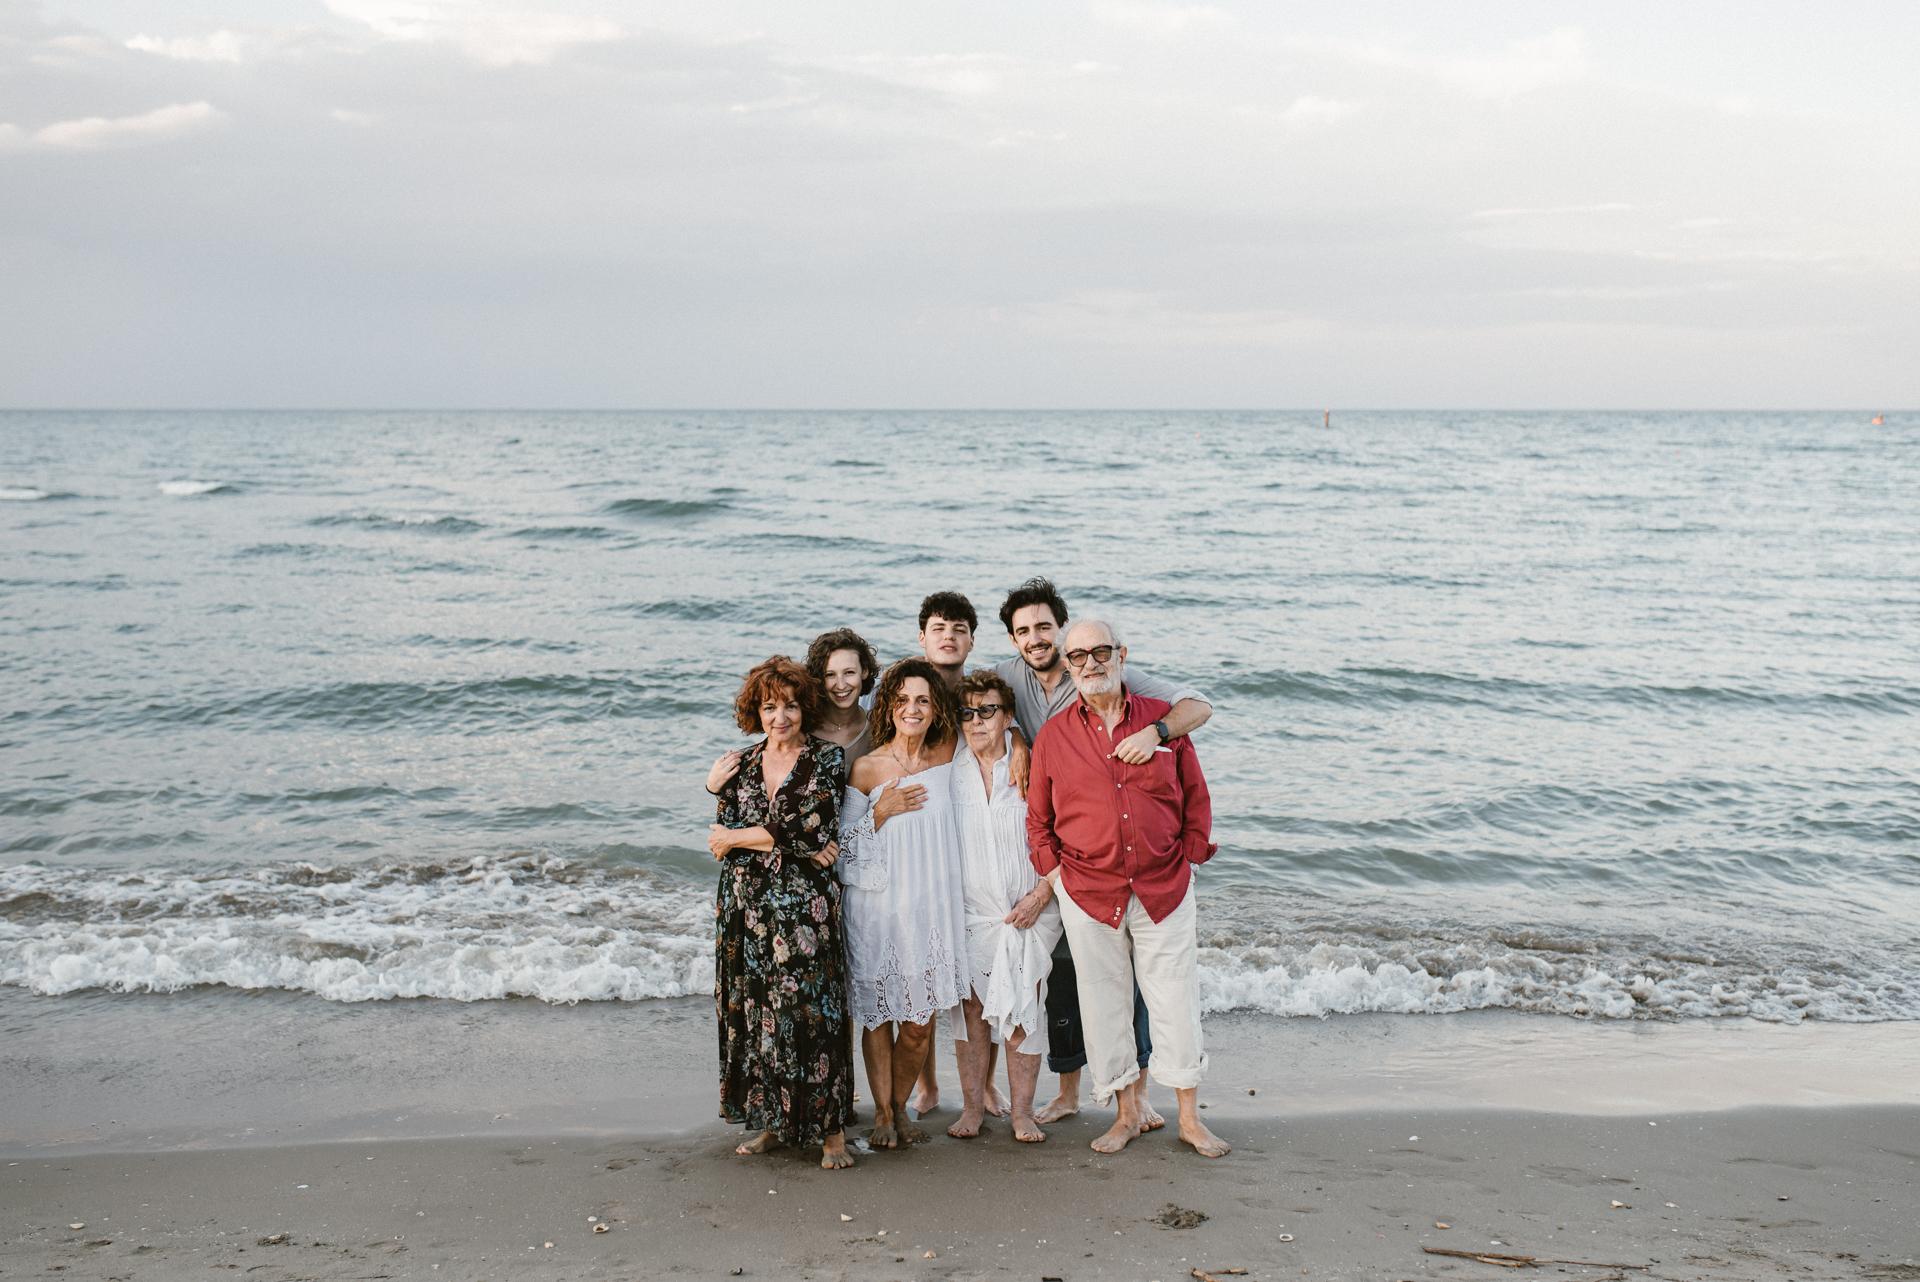 fotografa-famiglia-mare-20